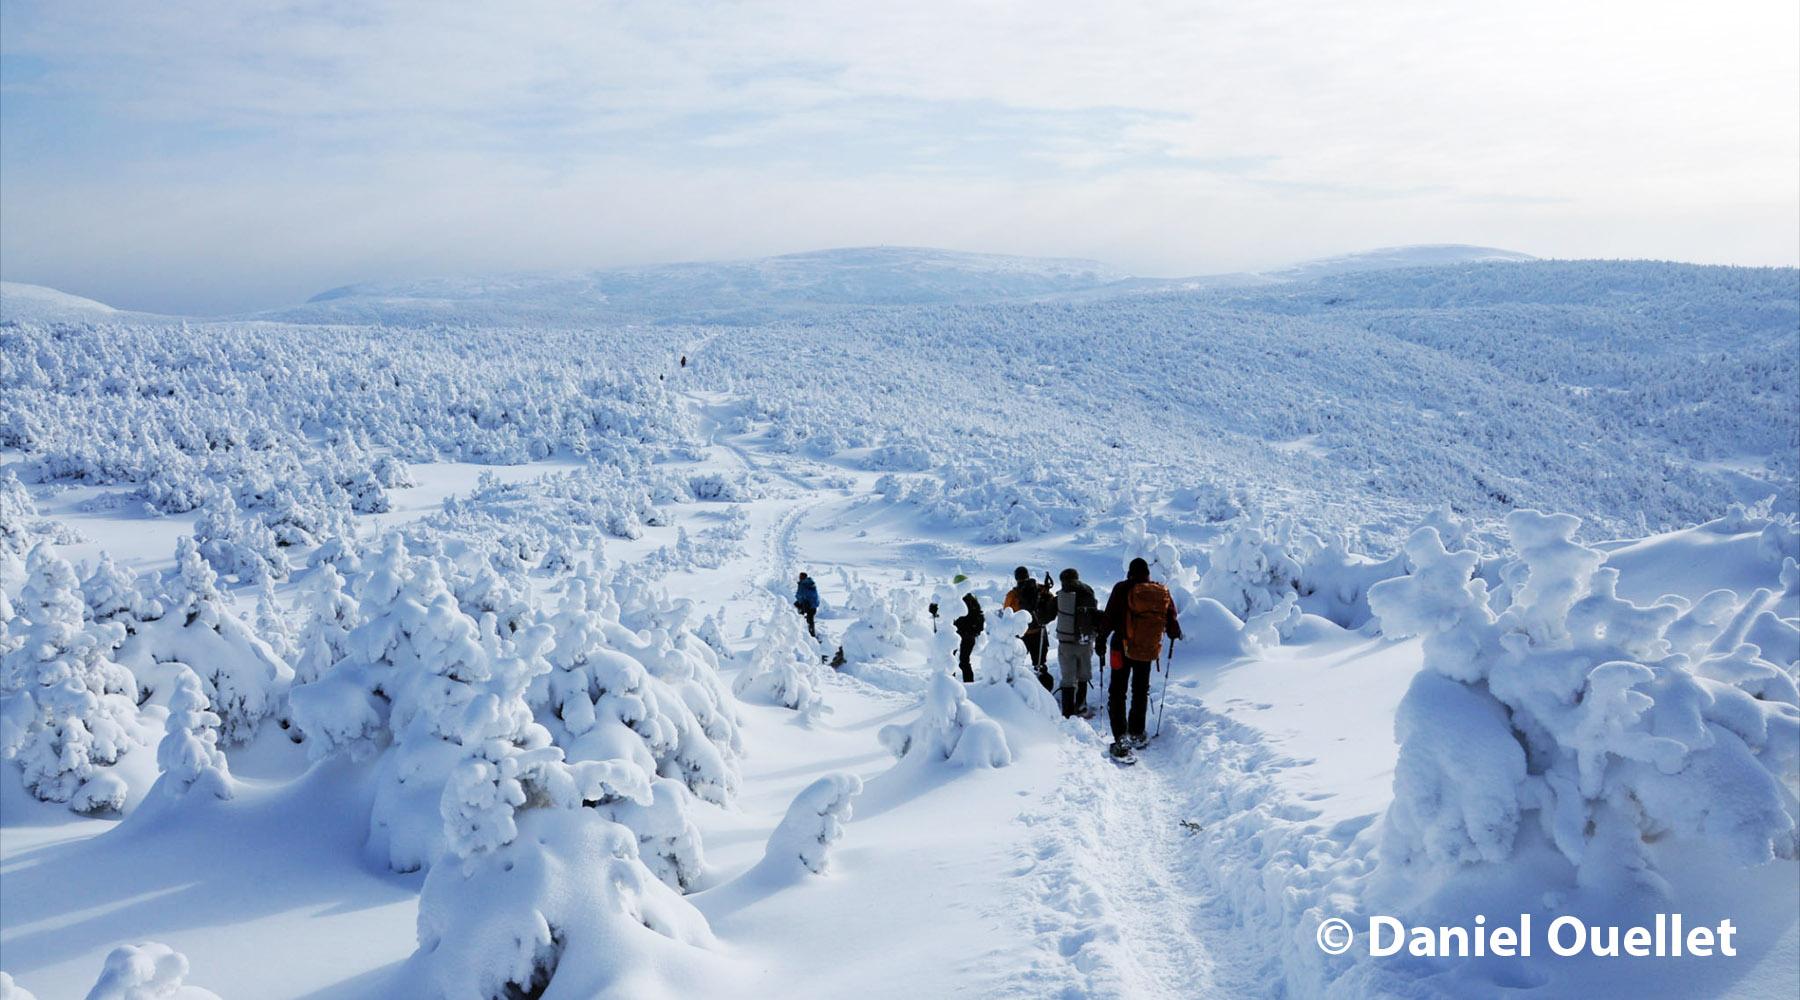 randonnée pédestre, rquette, babiches, chic-chocs, neige, rando hivernale